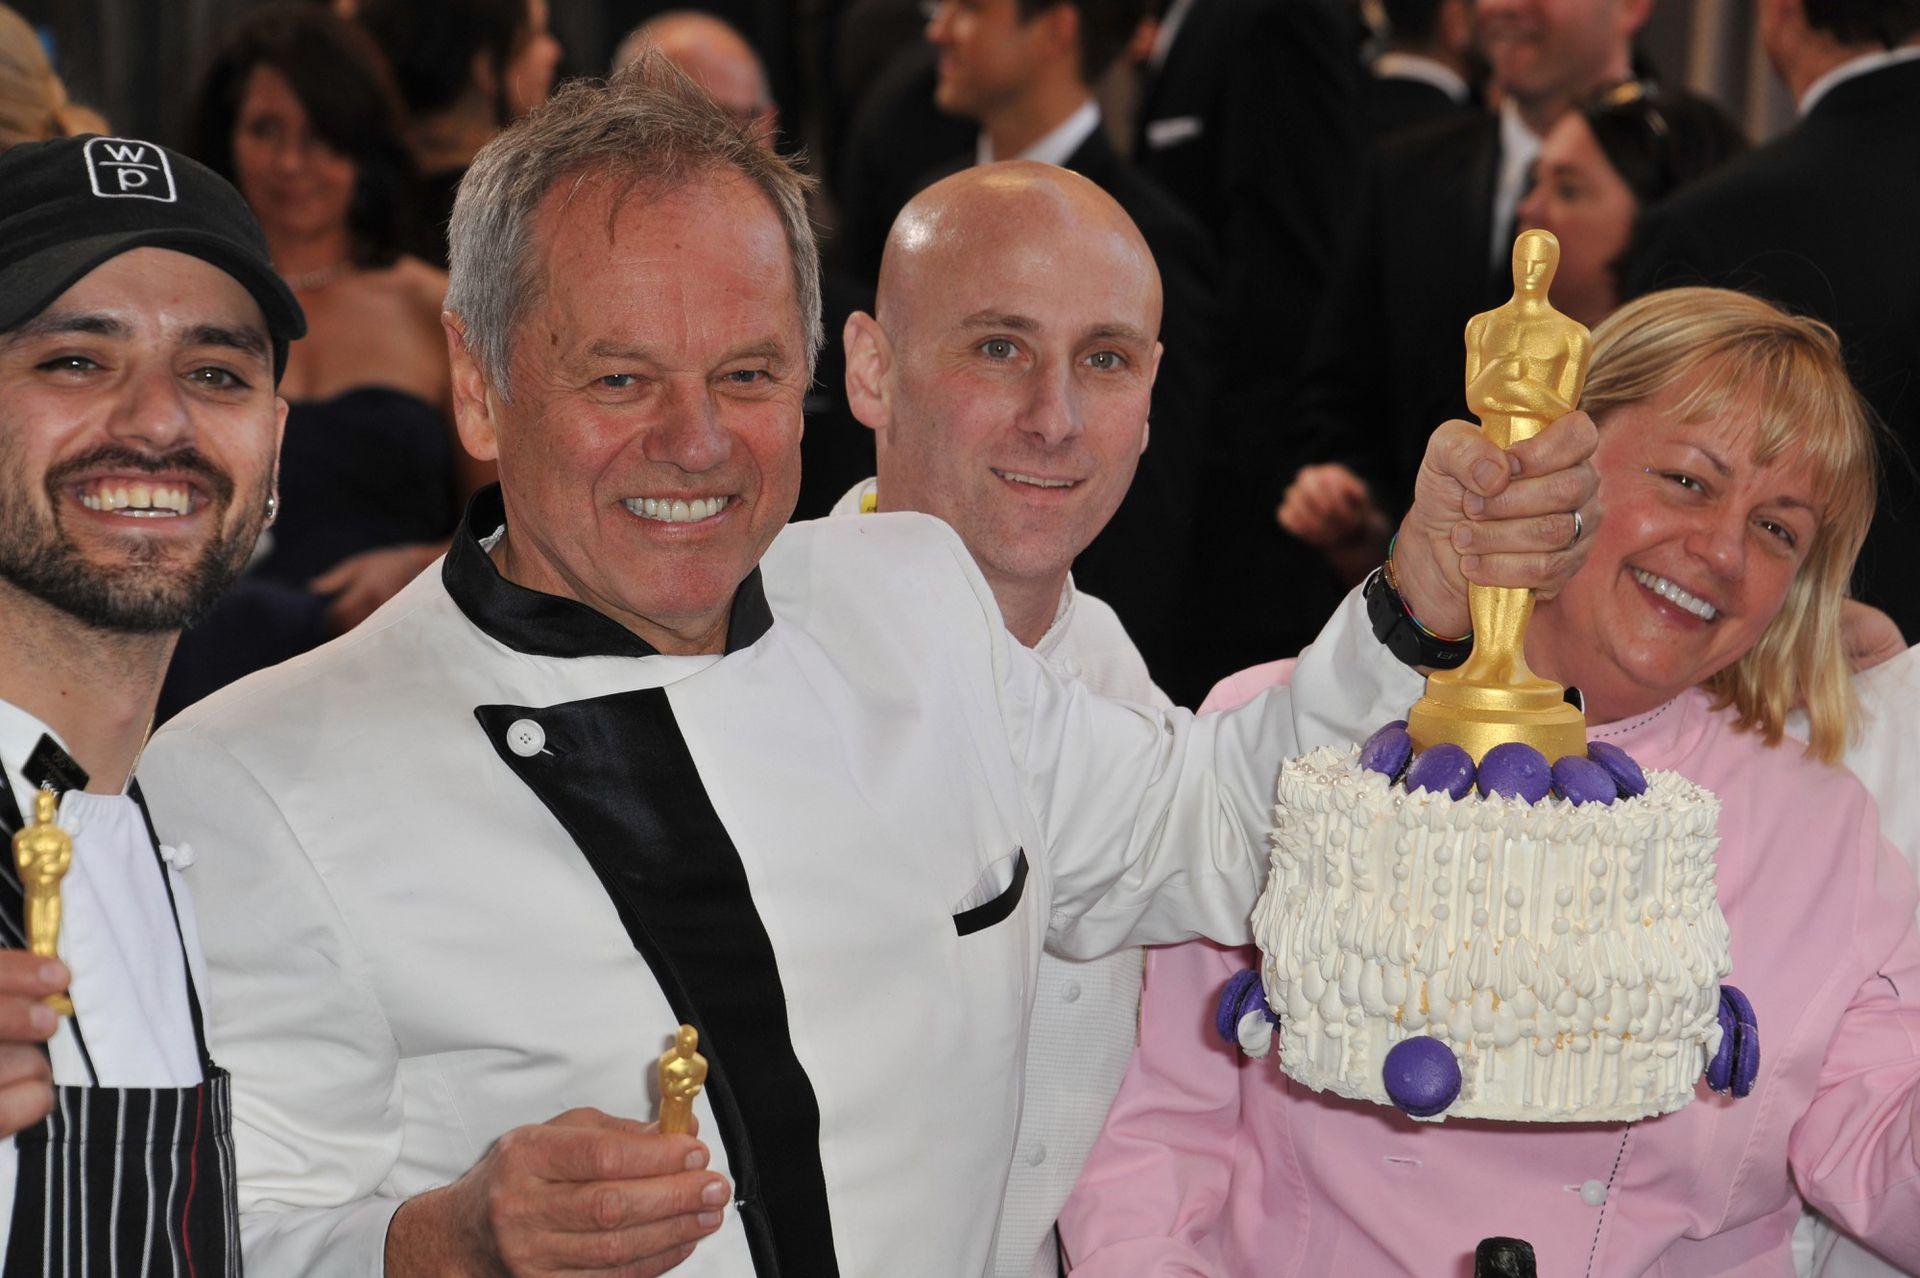 Hace más de dos décadas y media que Puck es el chef de los premios Óscars. El reconocido chef también ha creado una marca que engloba tres compañías: Wolfgang Puck Fine Dining Group, Wolfgang Puck Catering y Wolfgang Puck Worldwide, Inc.